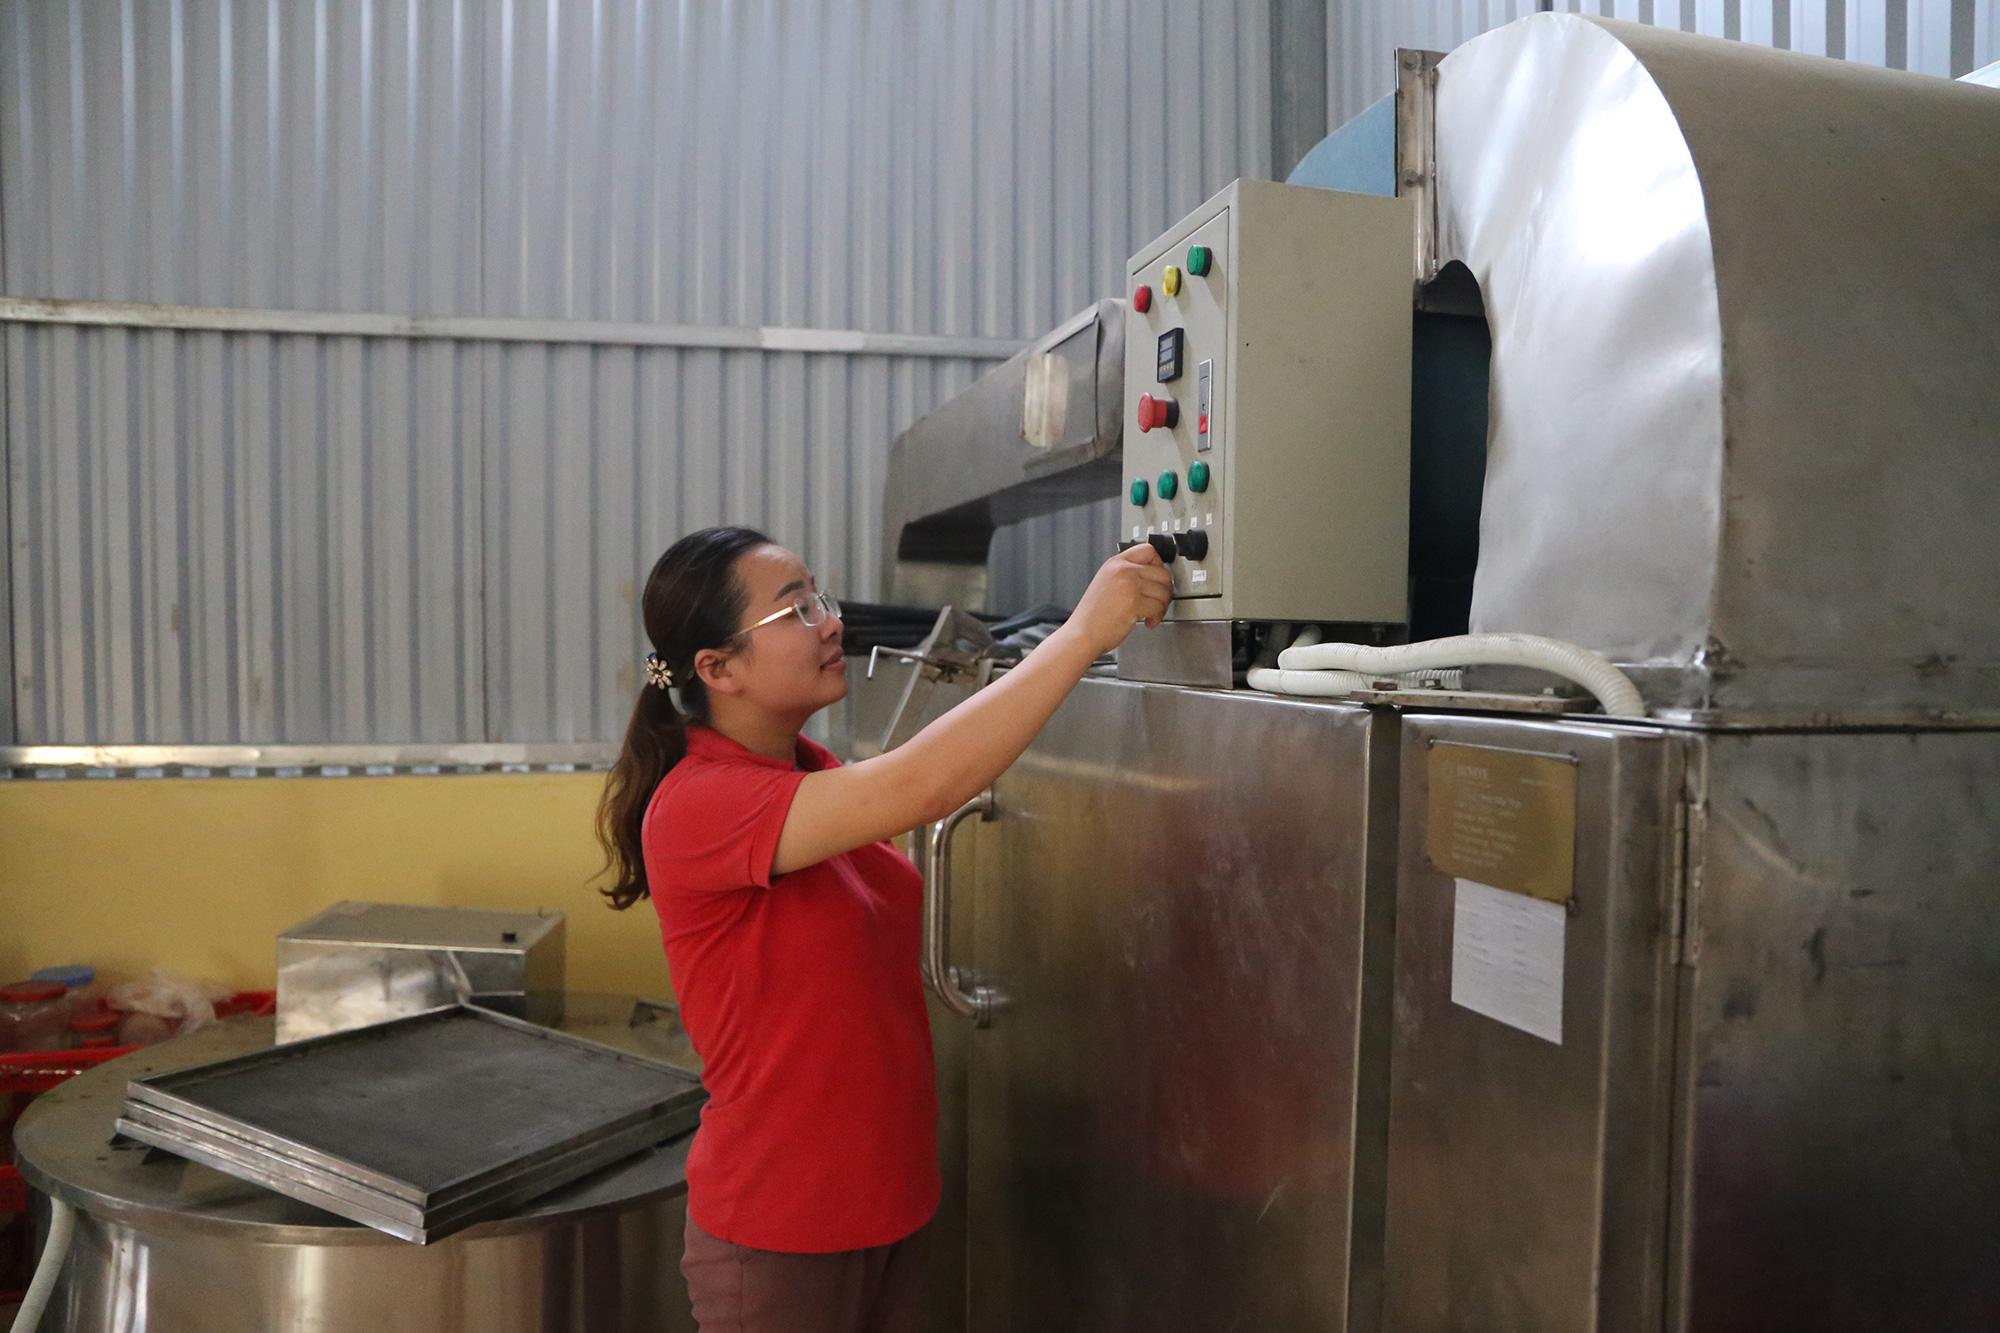 Nhờ bí quyết này nữ giám đốc nông dân đưa đặc sản lạp sườn gác bếp Bắc Kạn đi khắp cả nước - Ảnh 2.